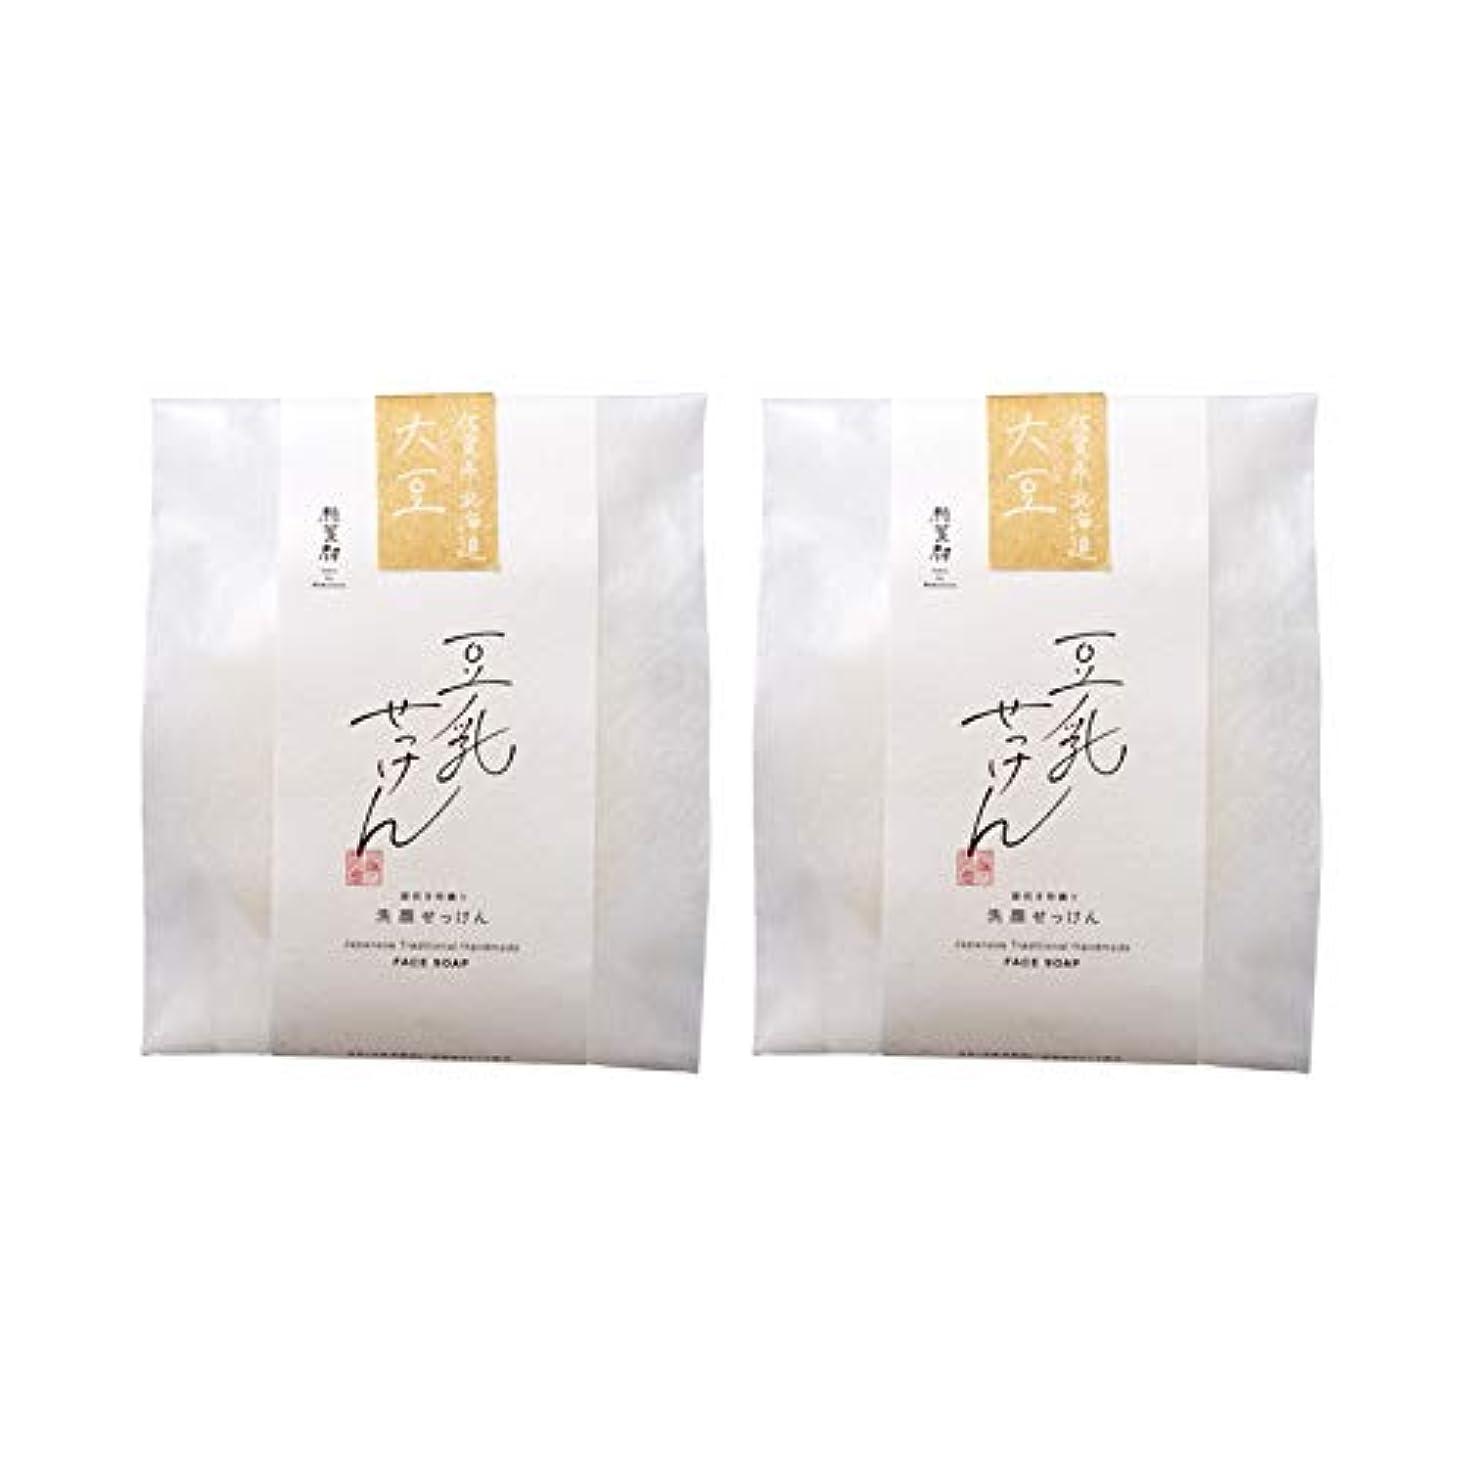 スラム計画生き物豆腐の盛田屋 豆乳せっけん 自然生活 100g×2個セット